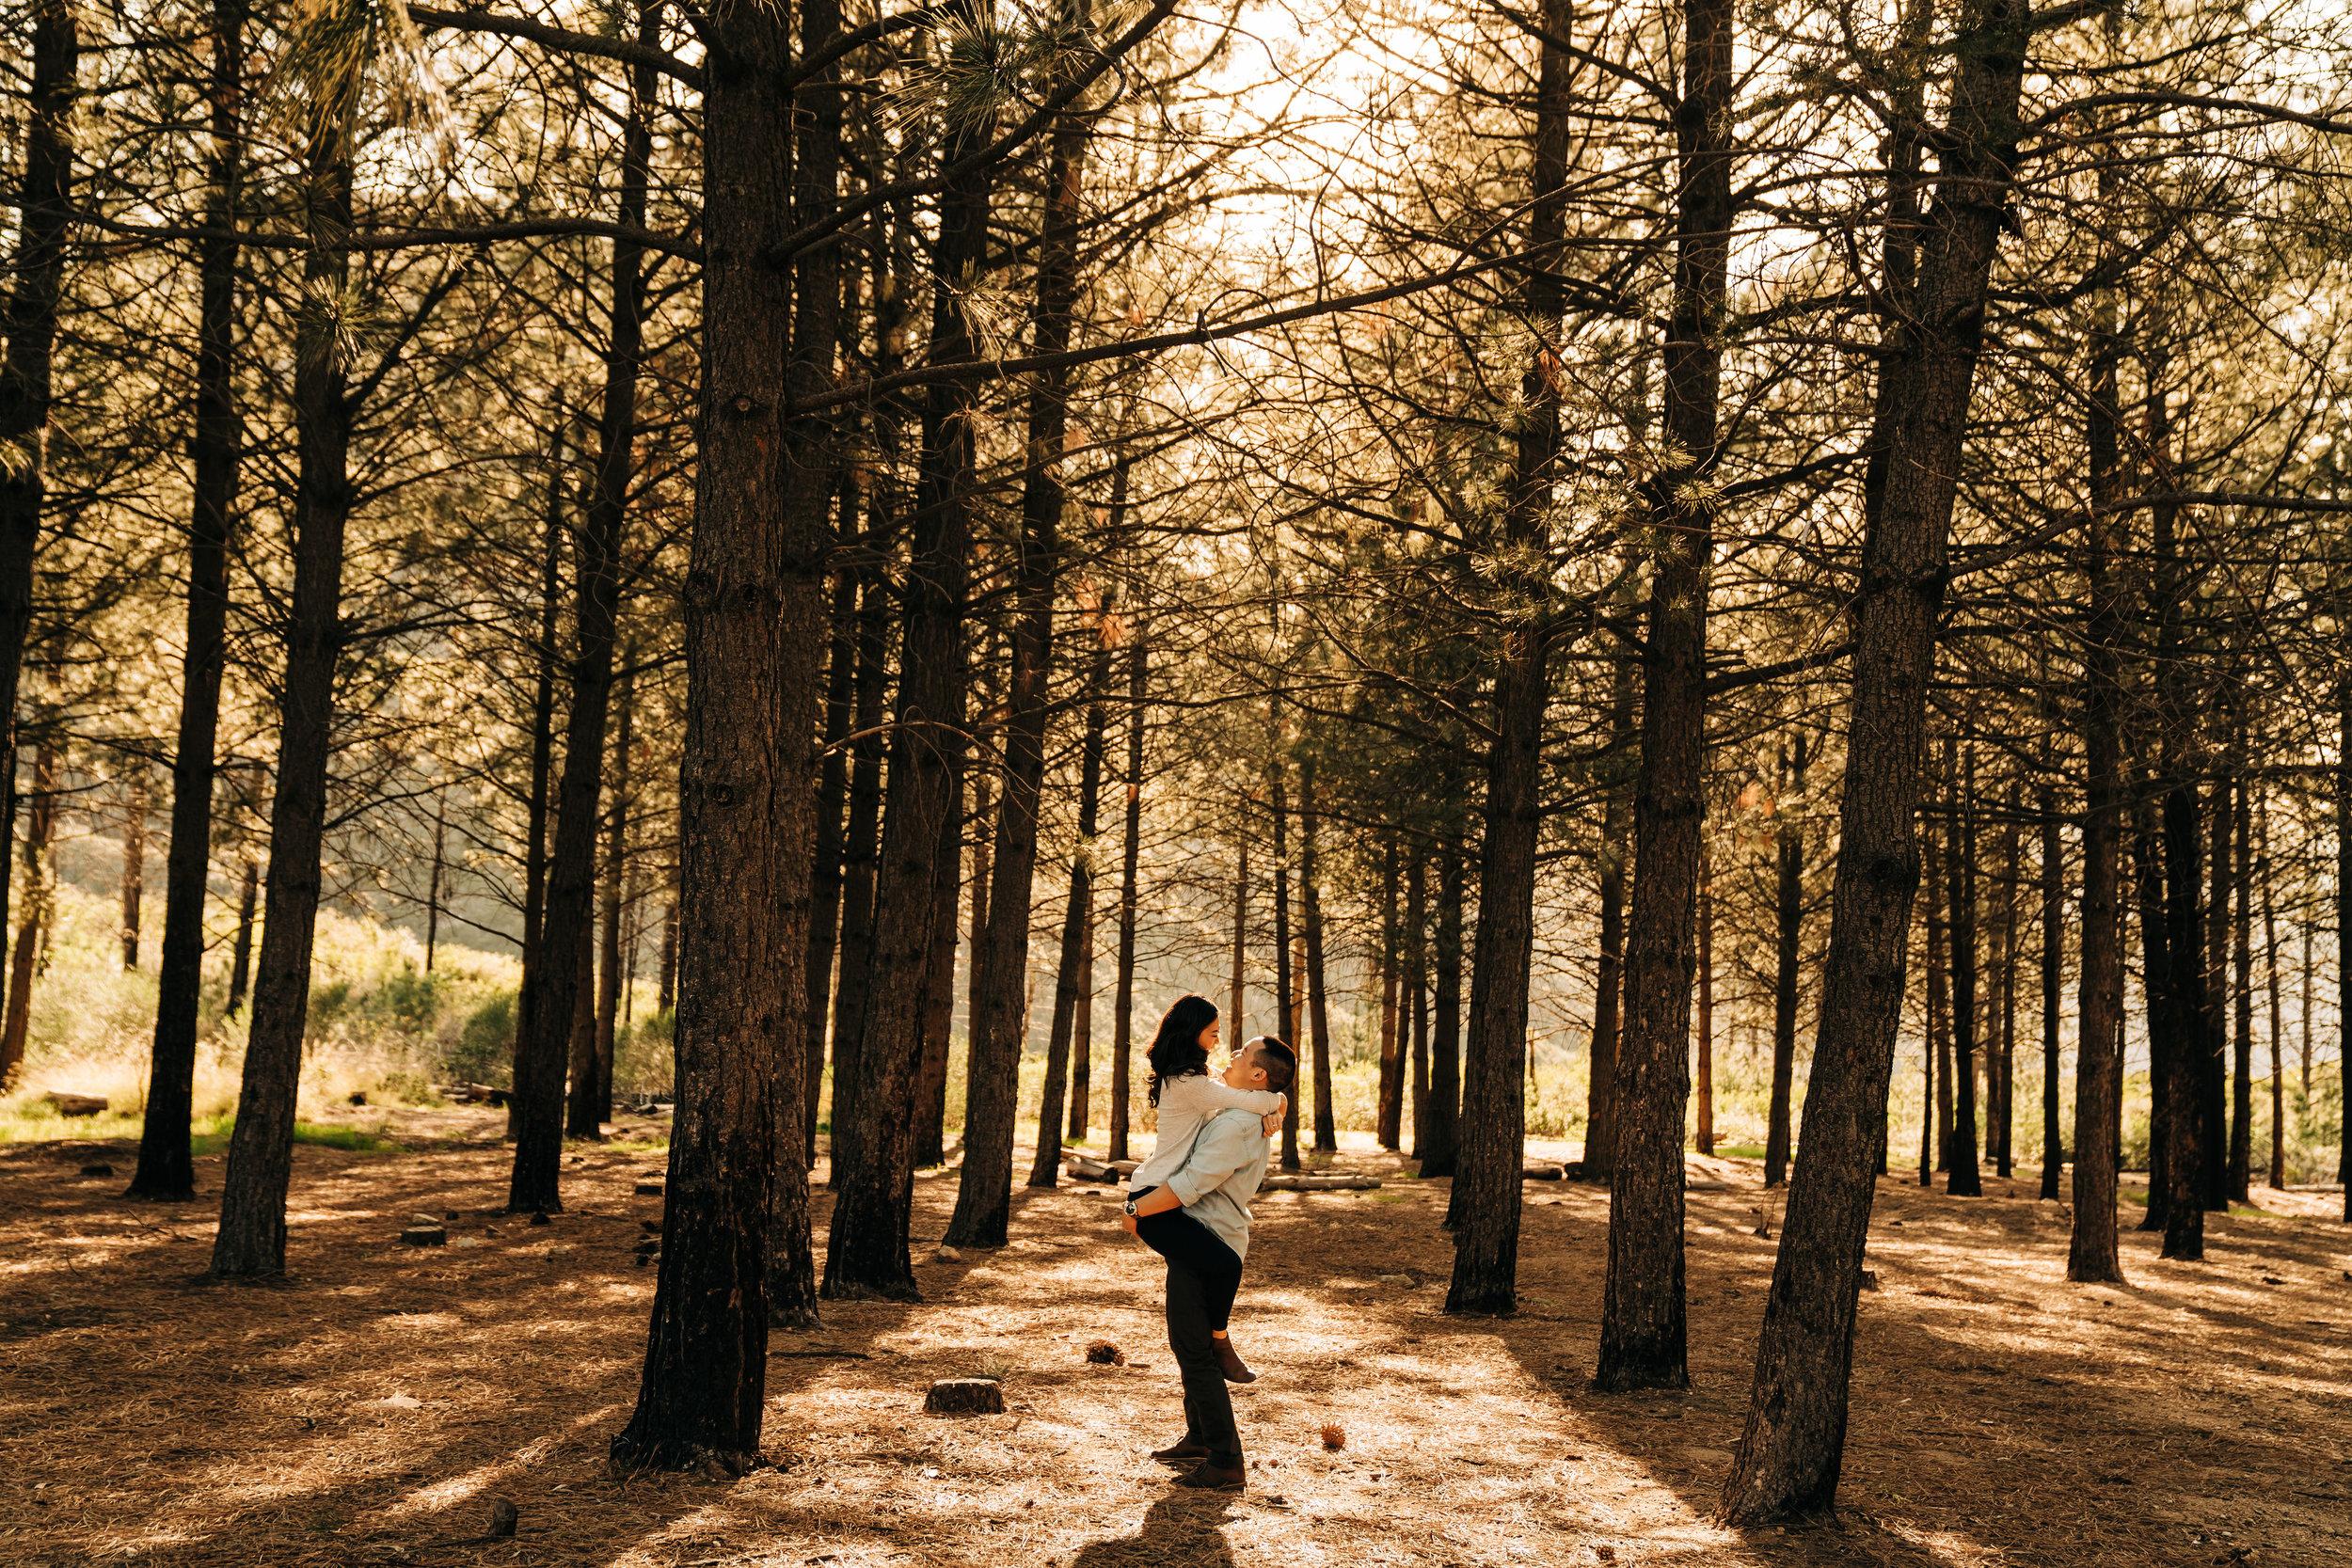 la-forest-engagement-photos-023.jpg